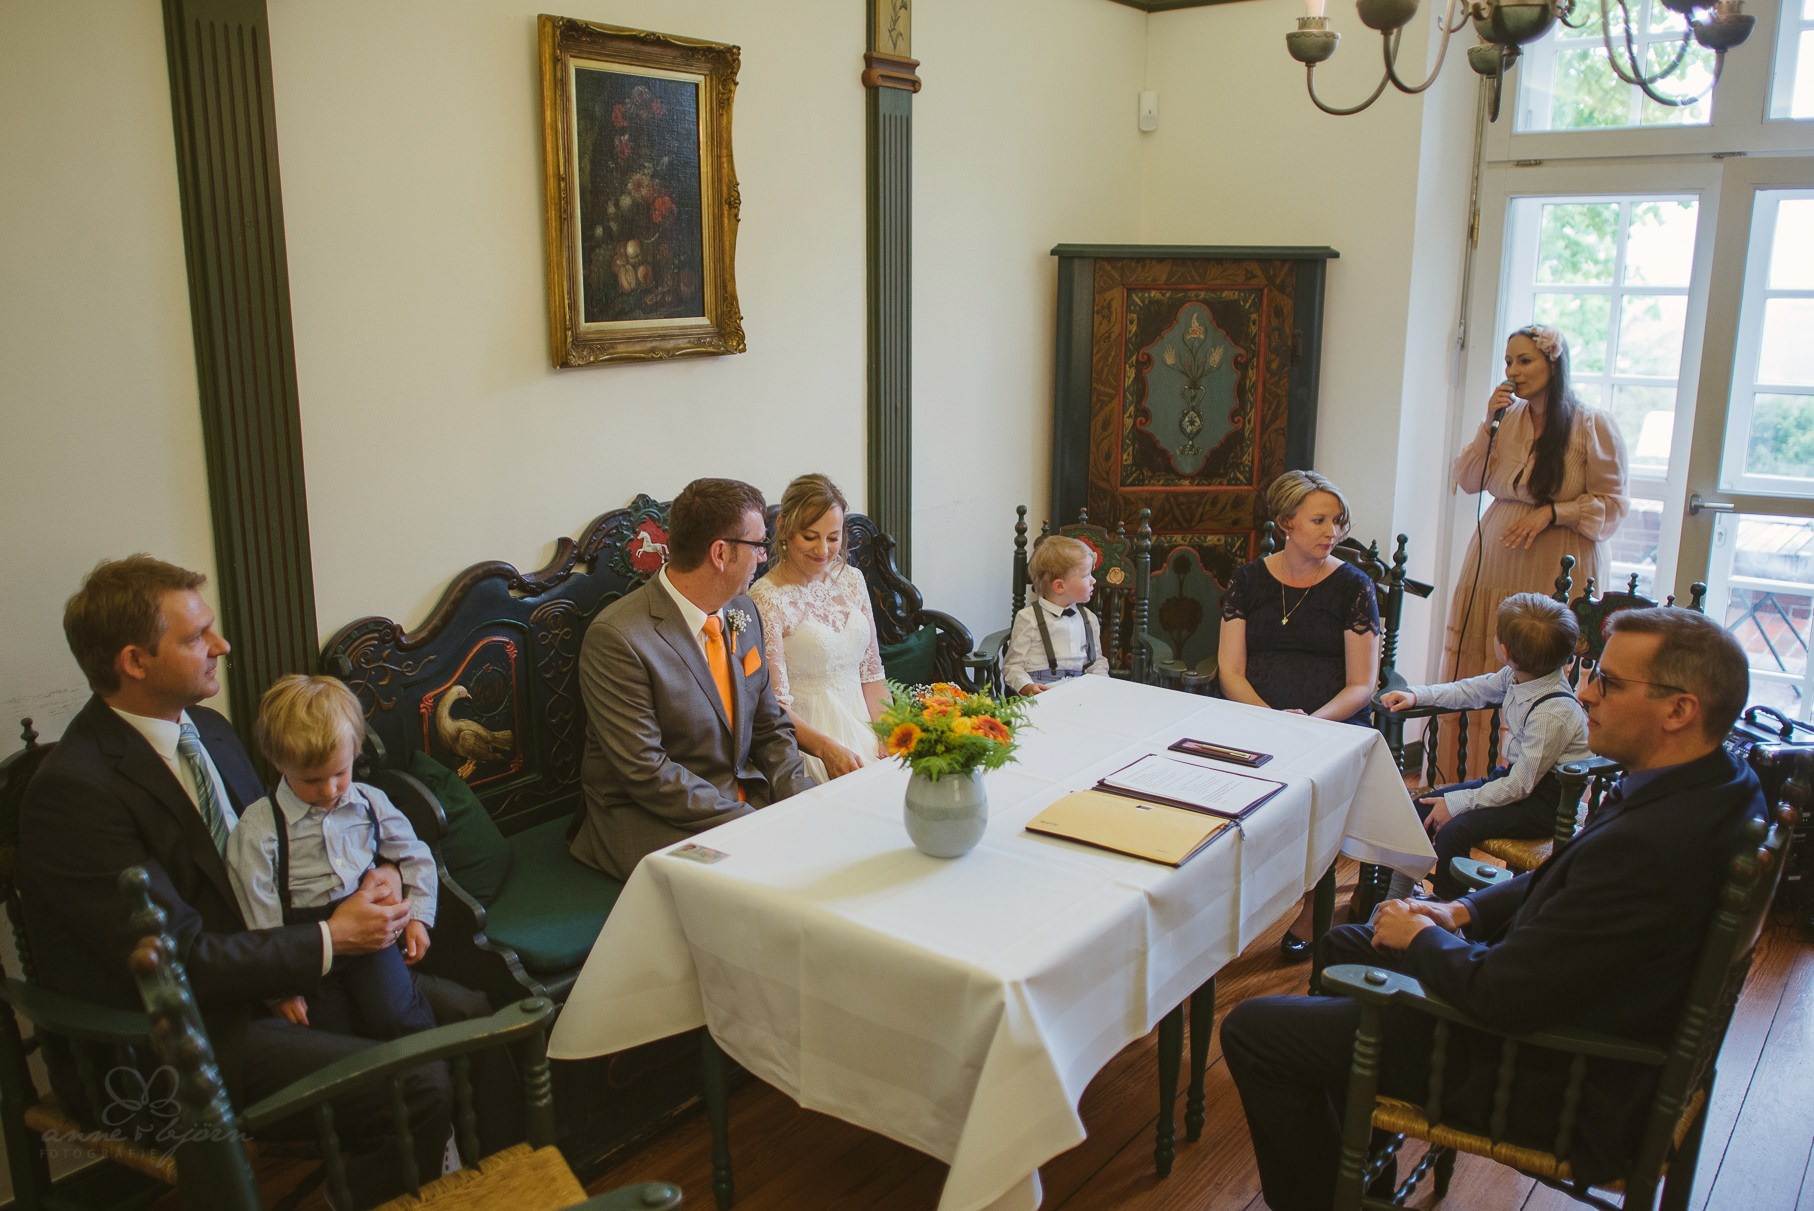 0056 anne und bjoern Manu und Sven D75 9622 1 - DIY Hochzeit im Erdhaus auf dem alten Land - Manuela & Sven